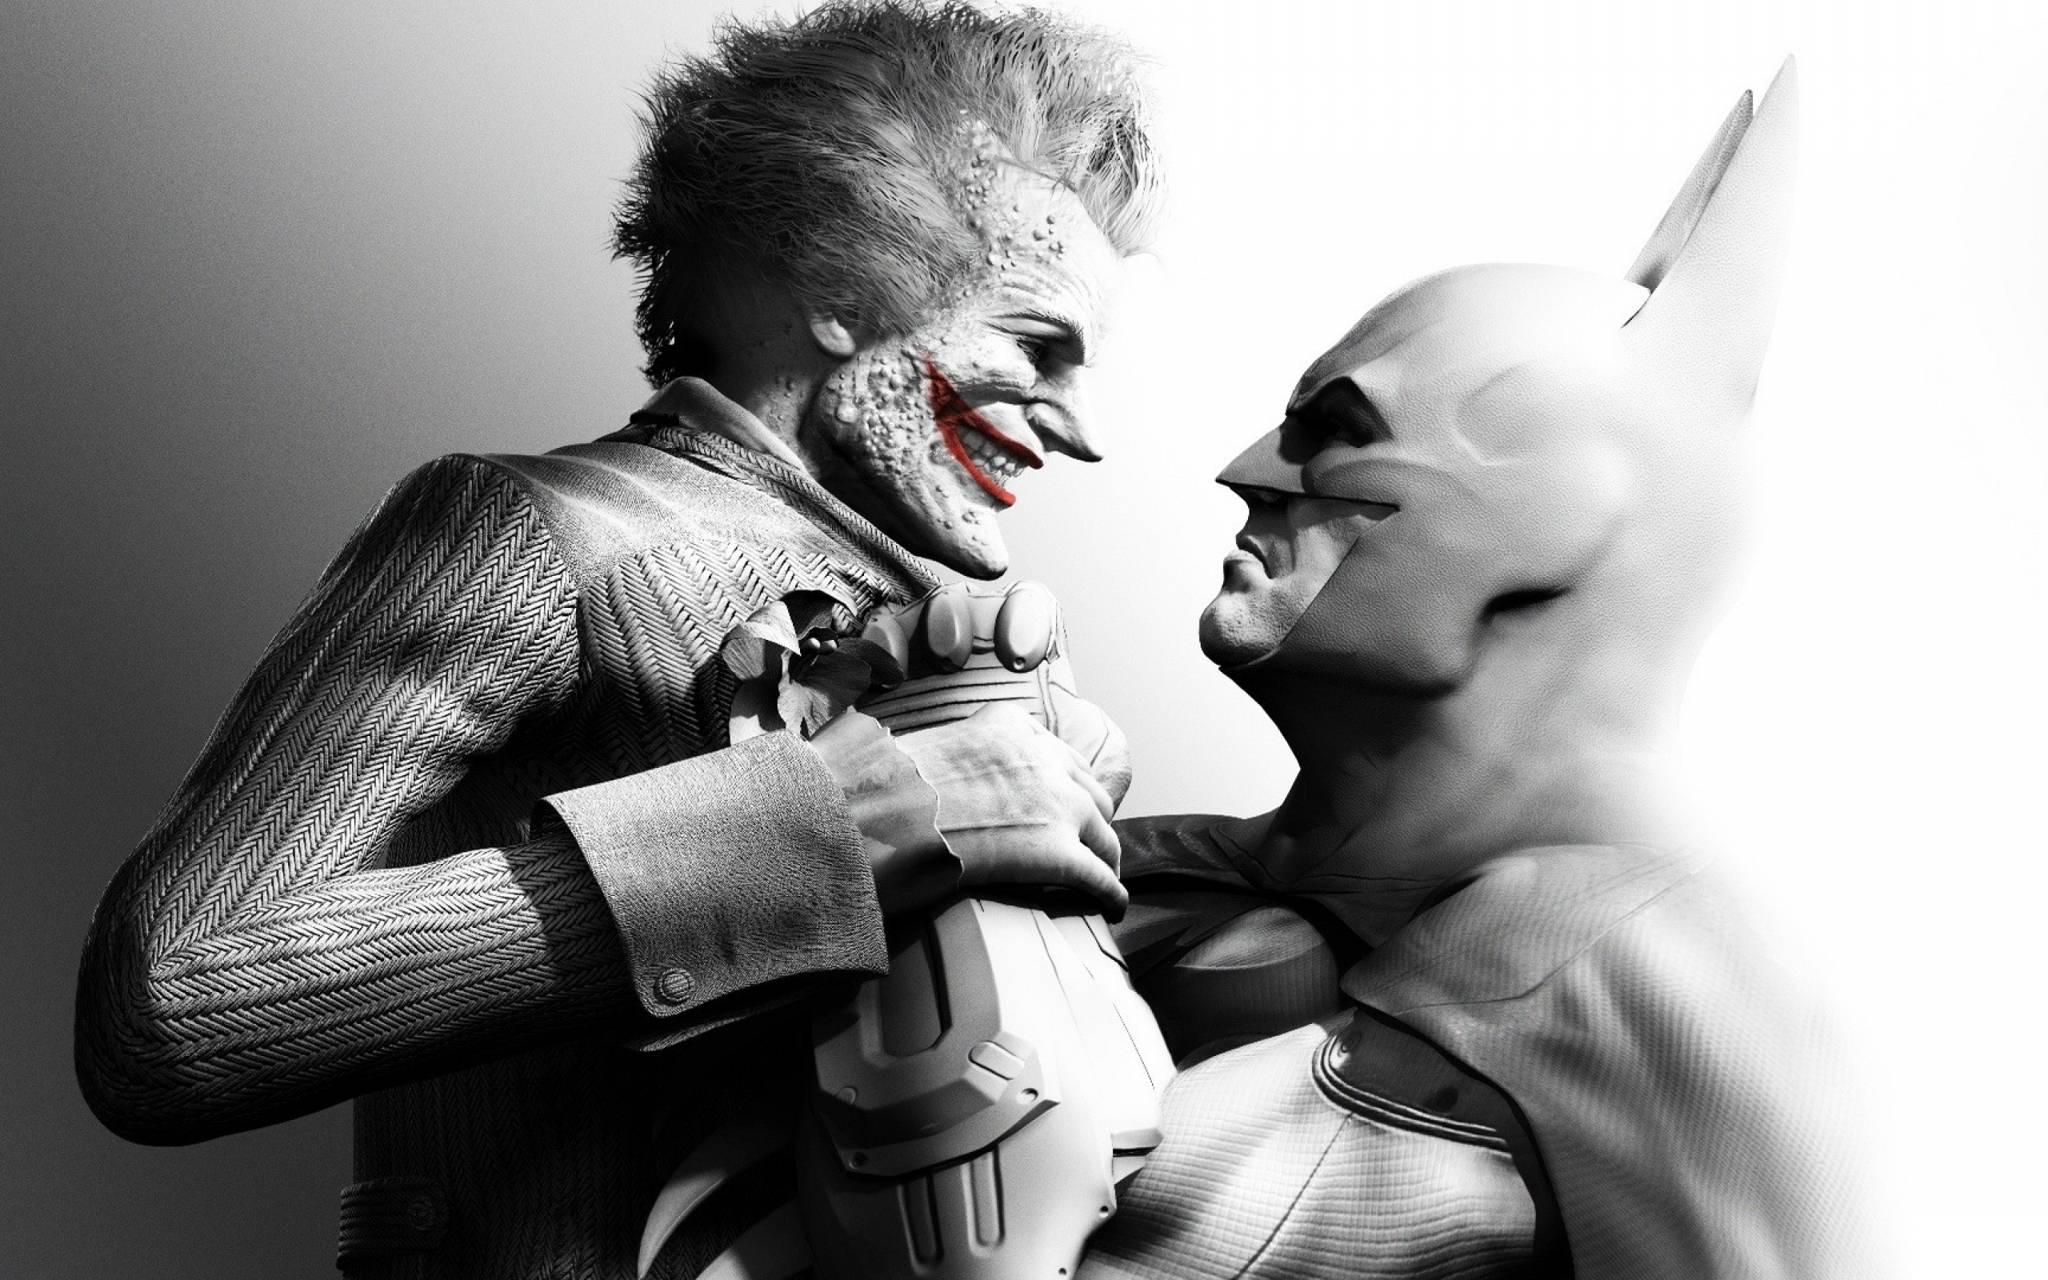 Batman And Joker Wallpaper by R3TaRd3D_JoK3R - d4